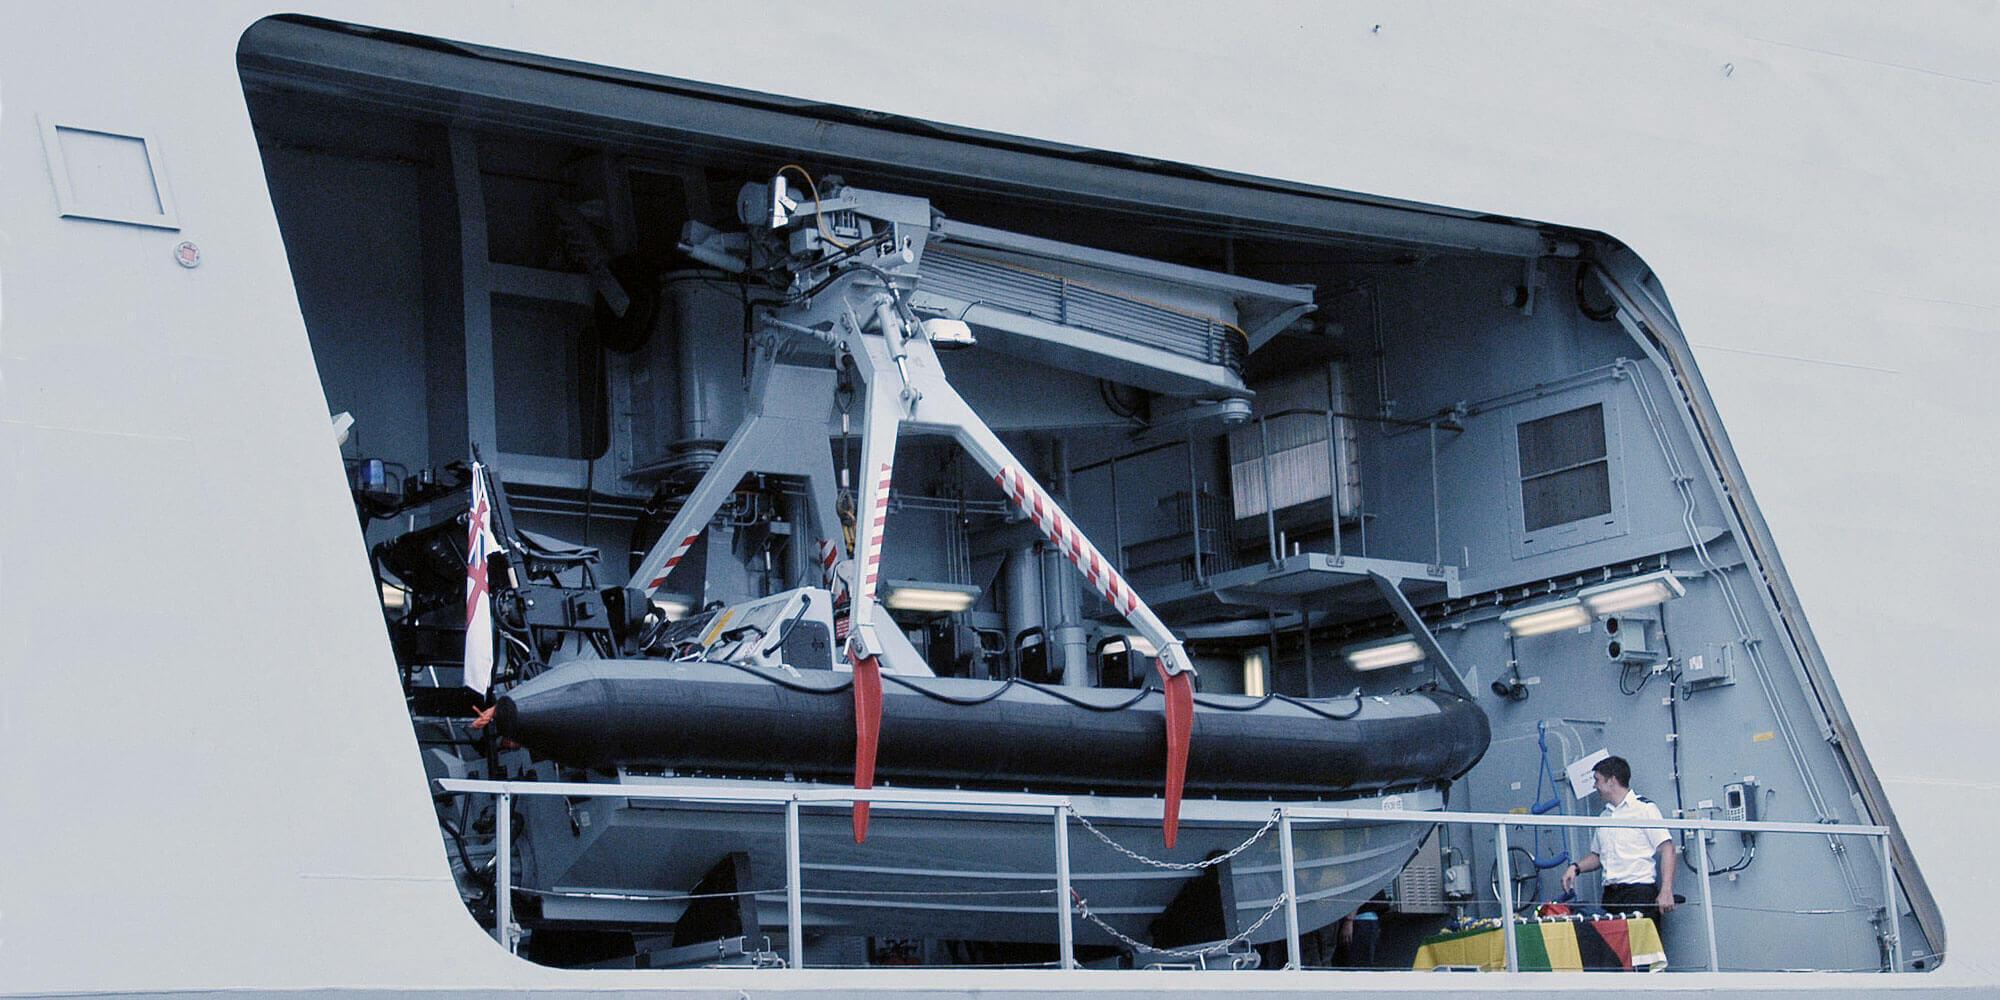 HMS Dauntless Sea Boat